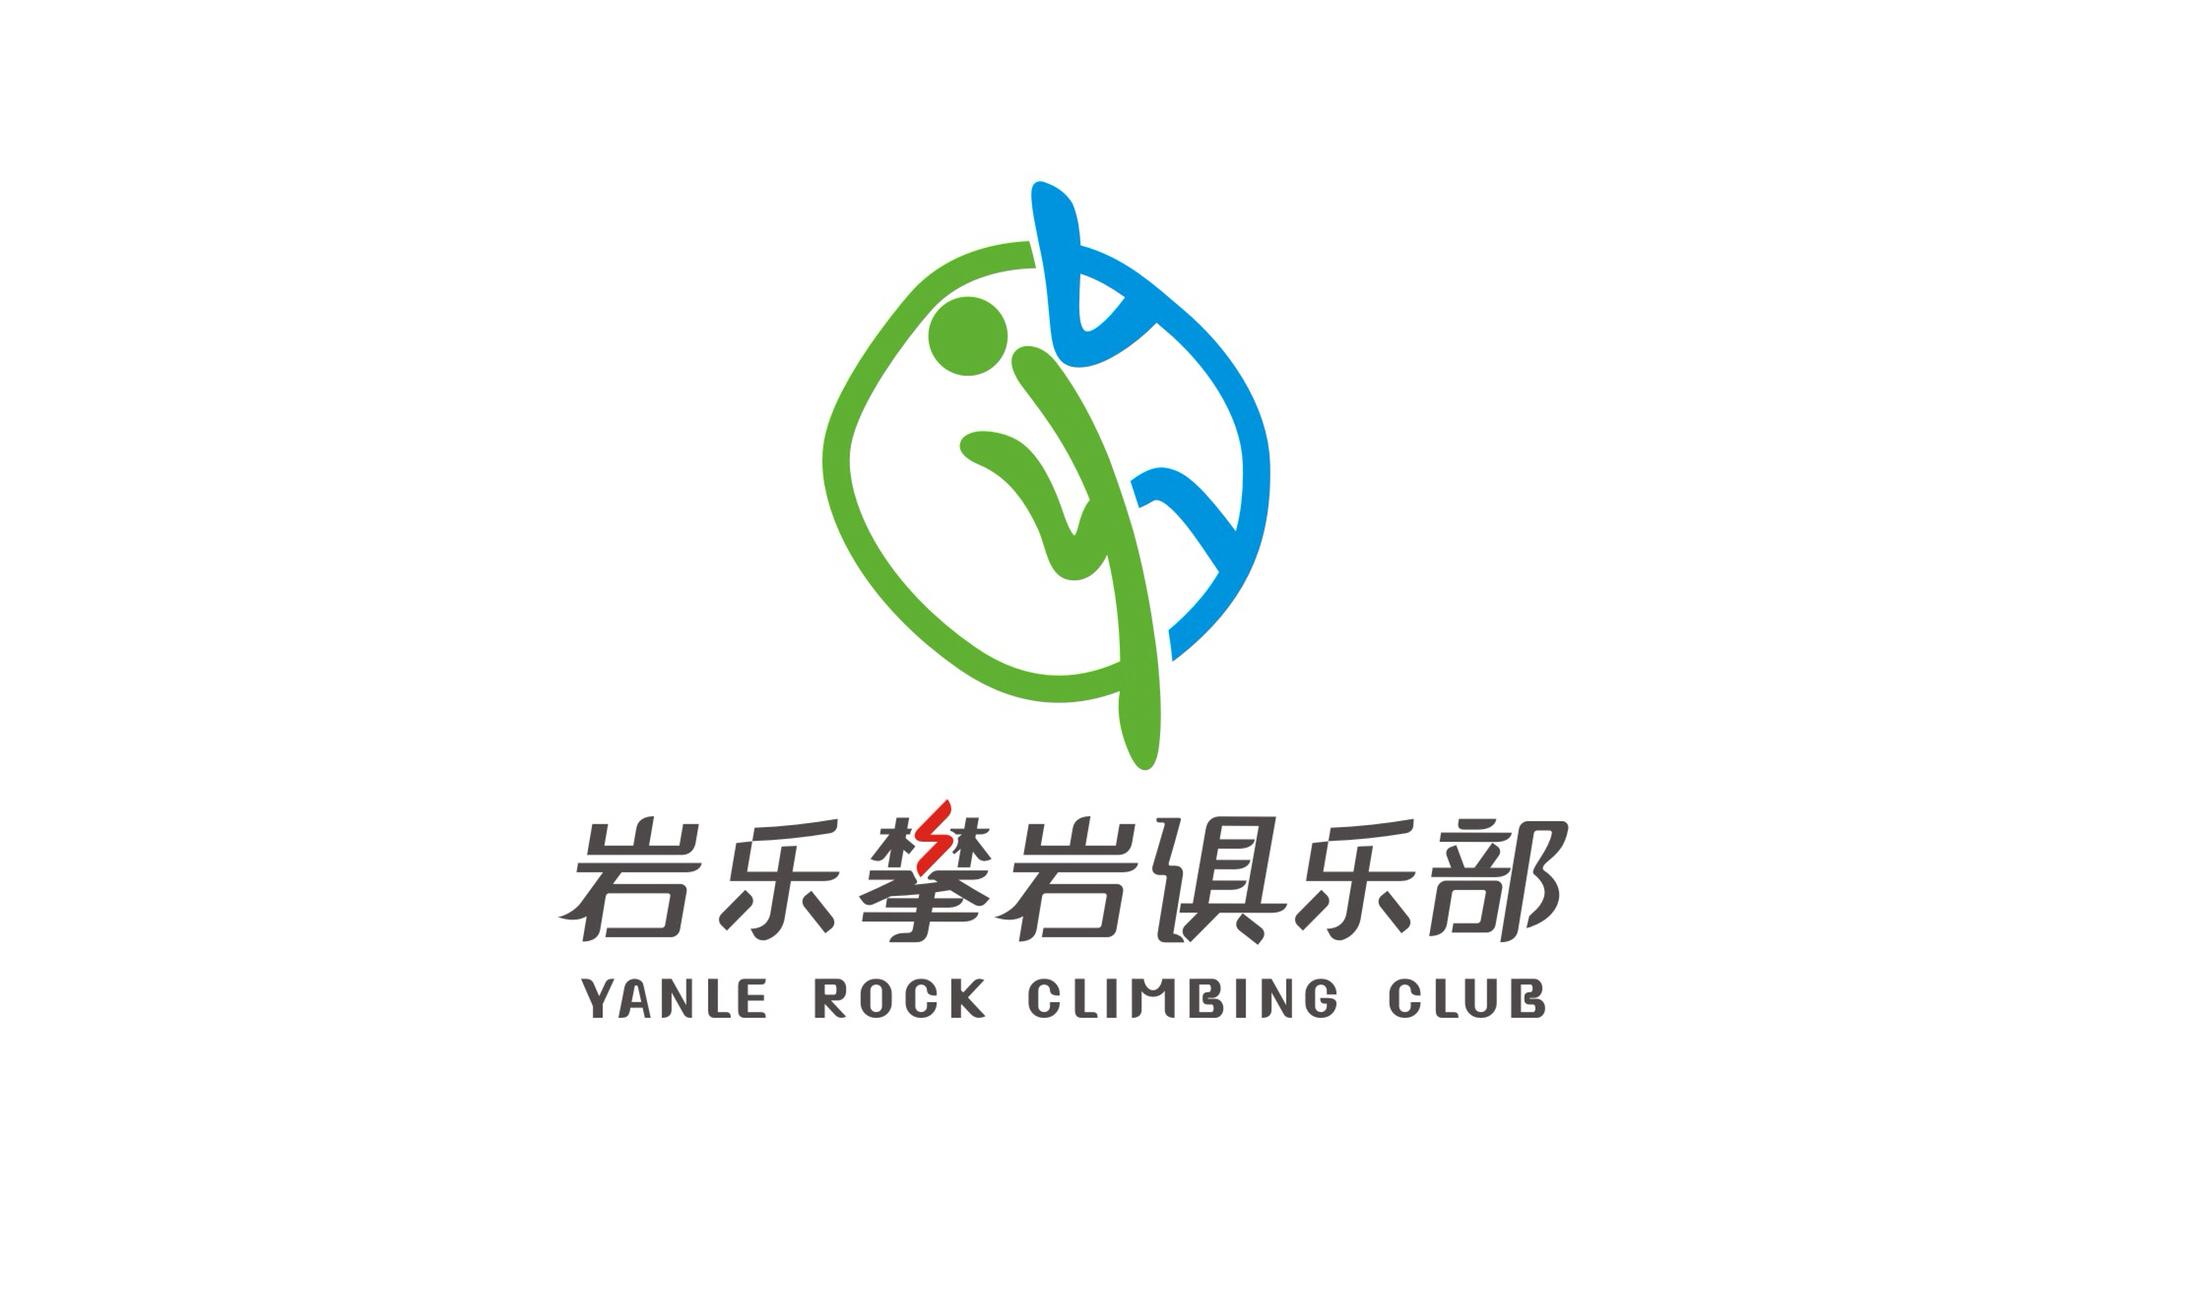 丹东岩乐攀岩俱乐部